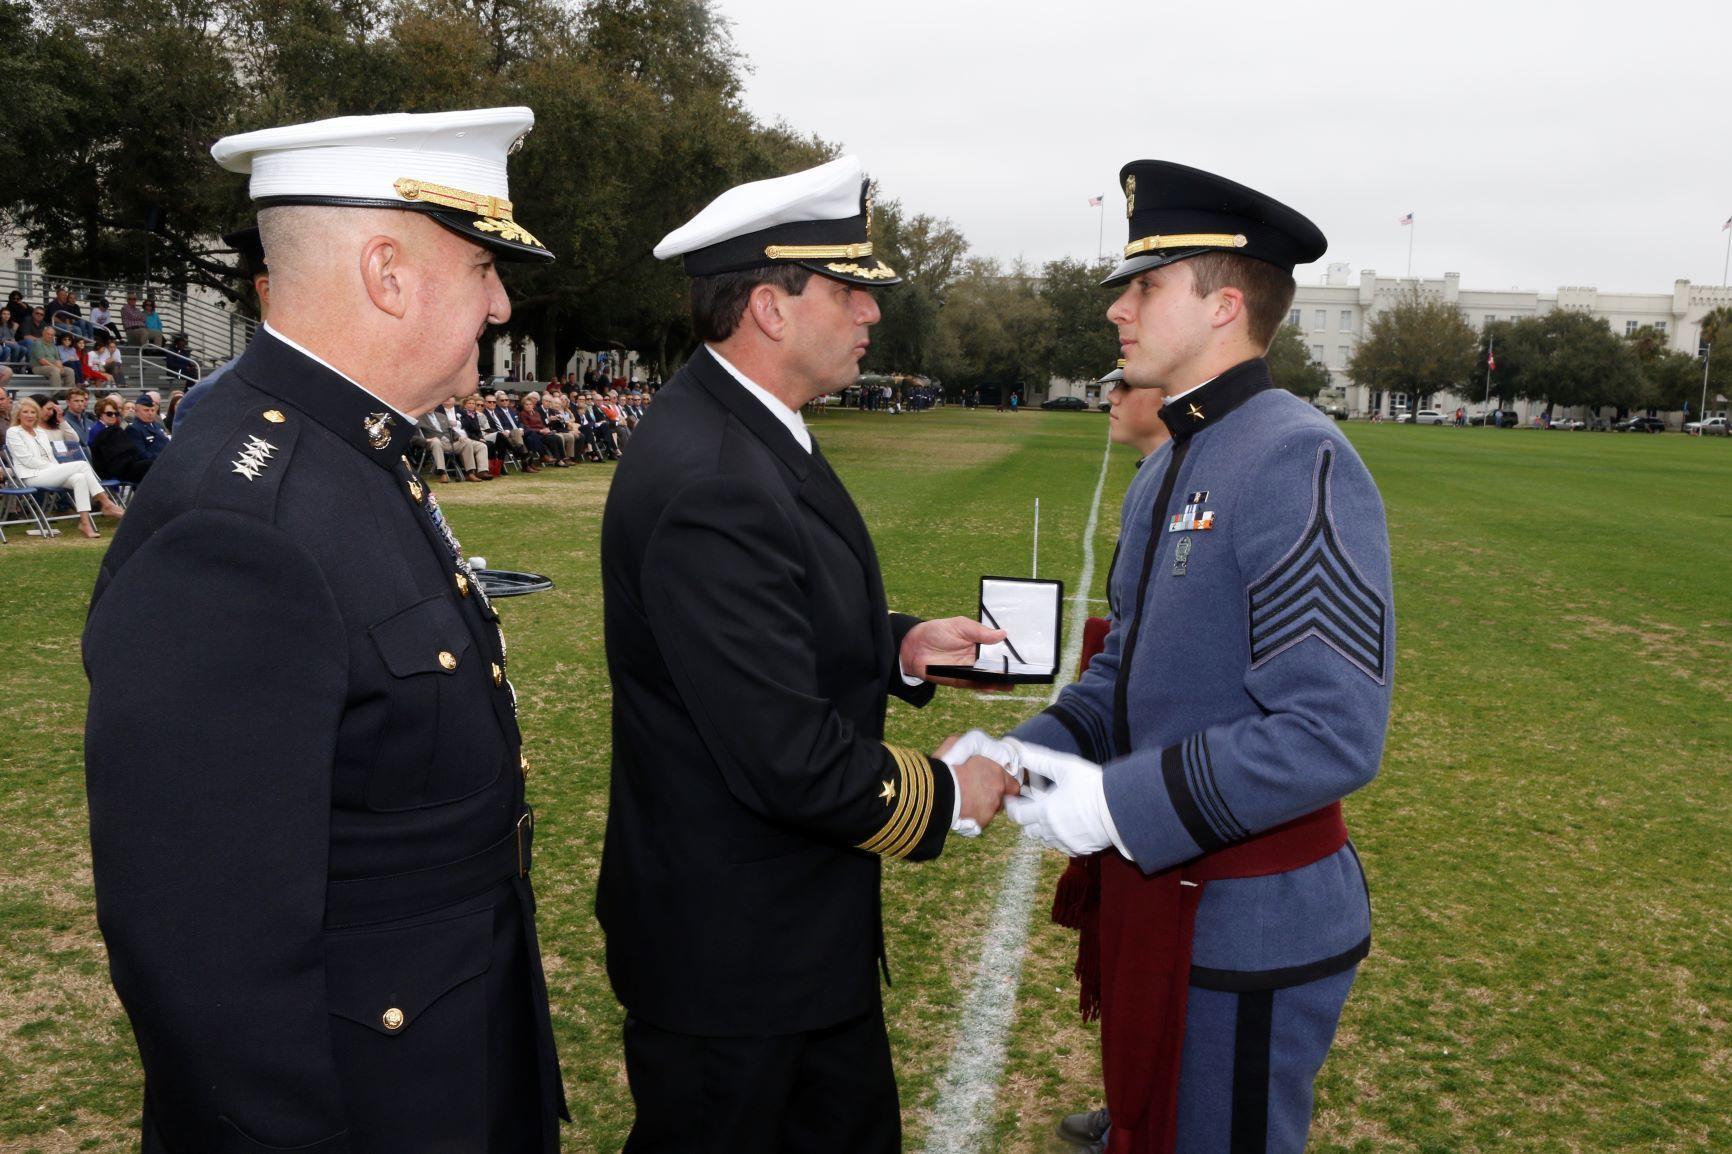 Felt receiving macarthur award